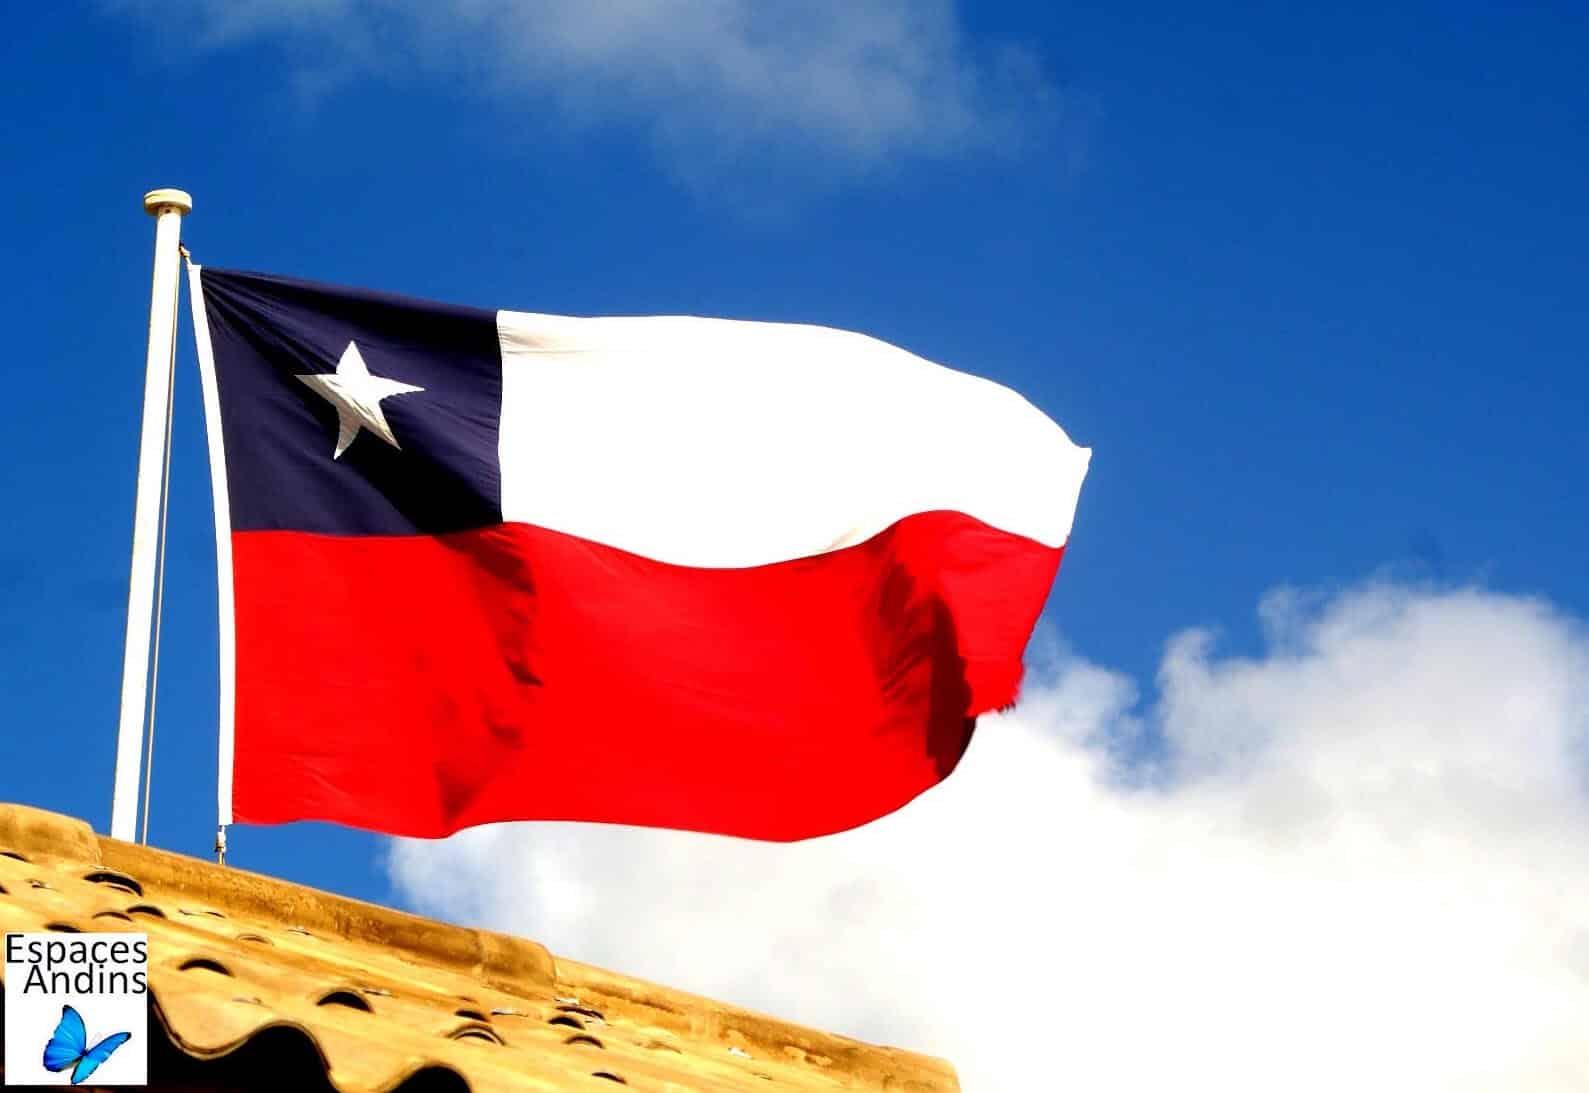 Chili, Votre Destination 2018 / Photo : Espaces Andins